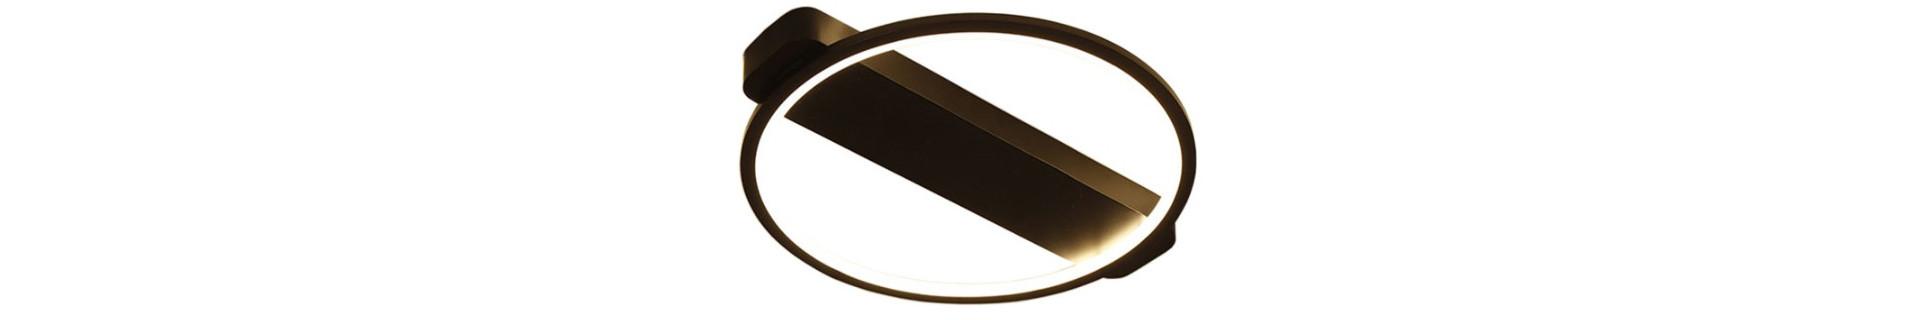 Oświetlenie minimalistyczne - Lampy Wobako.pl